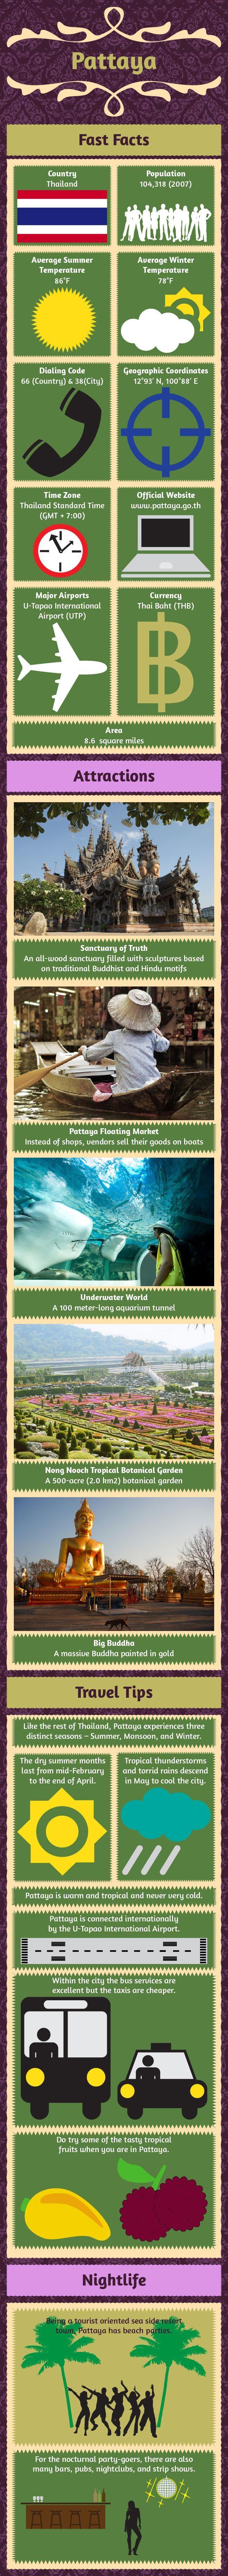 Pattaya Travel Infographic